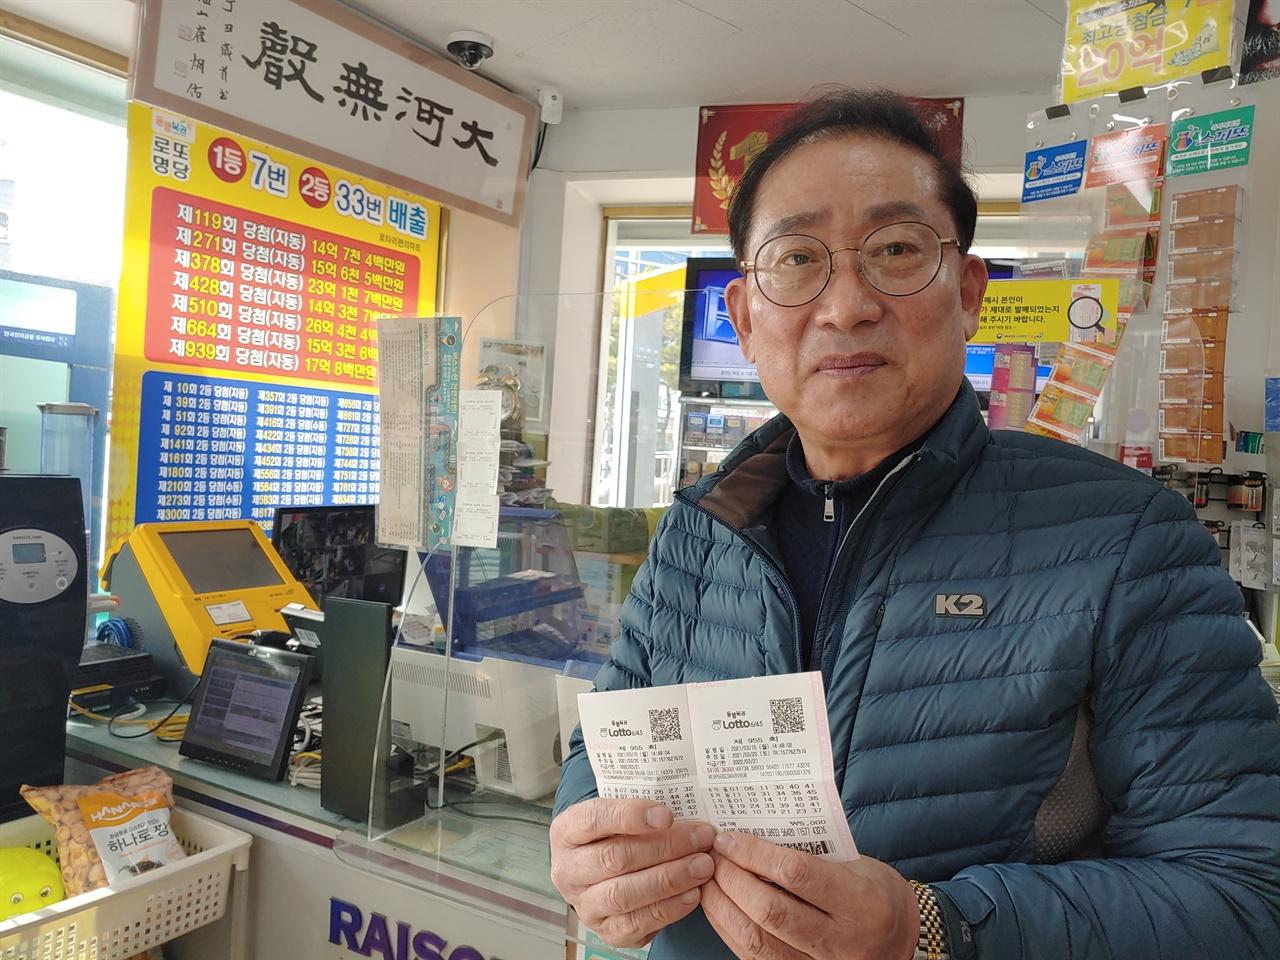 """로또 1등 당첨자가 7명 나온 판매점을 운영하는 이두성 씨는 """"복권에 과도하게 몰입하는 건 좋지 않다""""고 충고한다."""